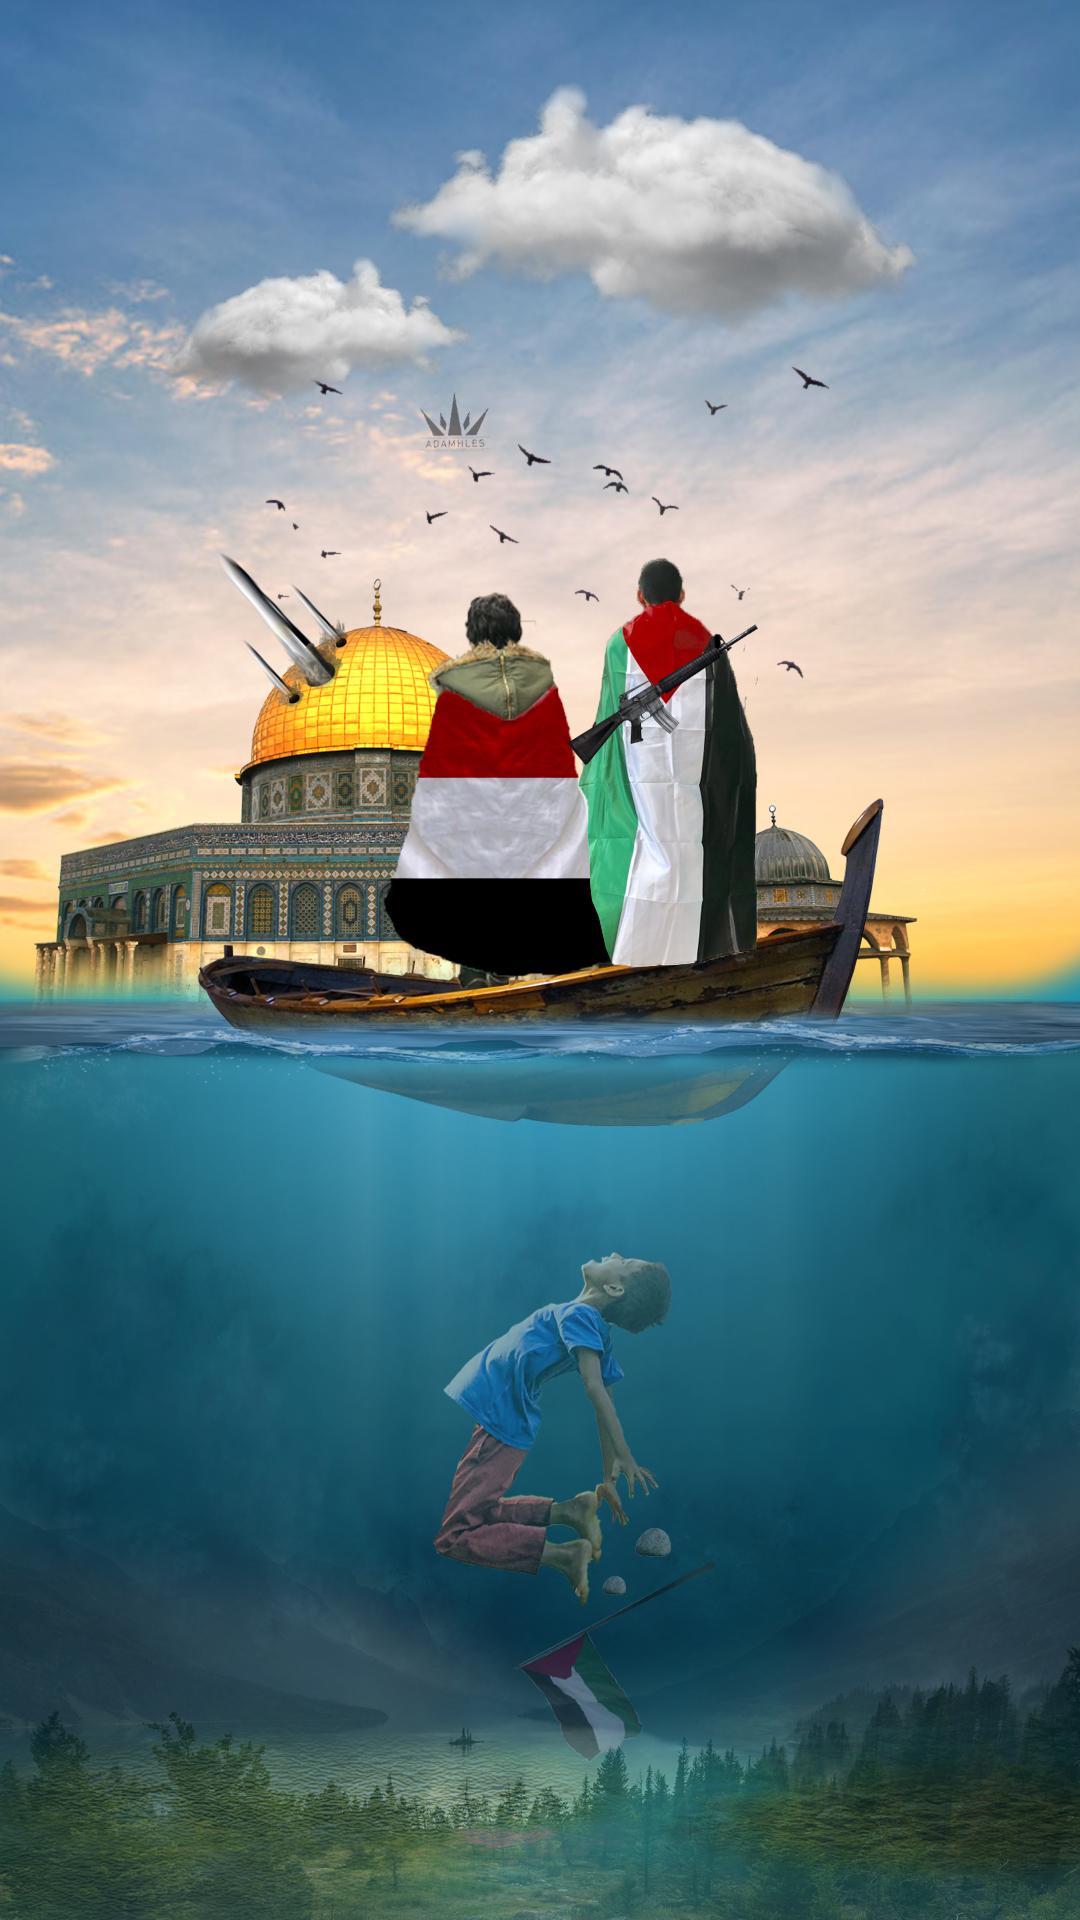 اجمل خلفية تصامن مع فلسطين علم اليمن وعلم فلسطين Flag Palestine and Yemen